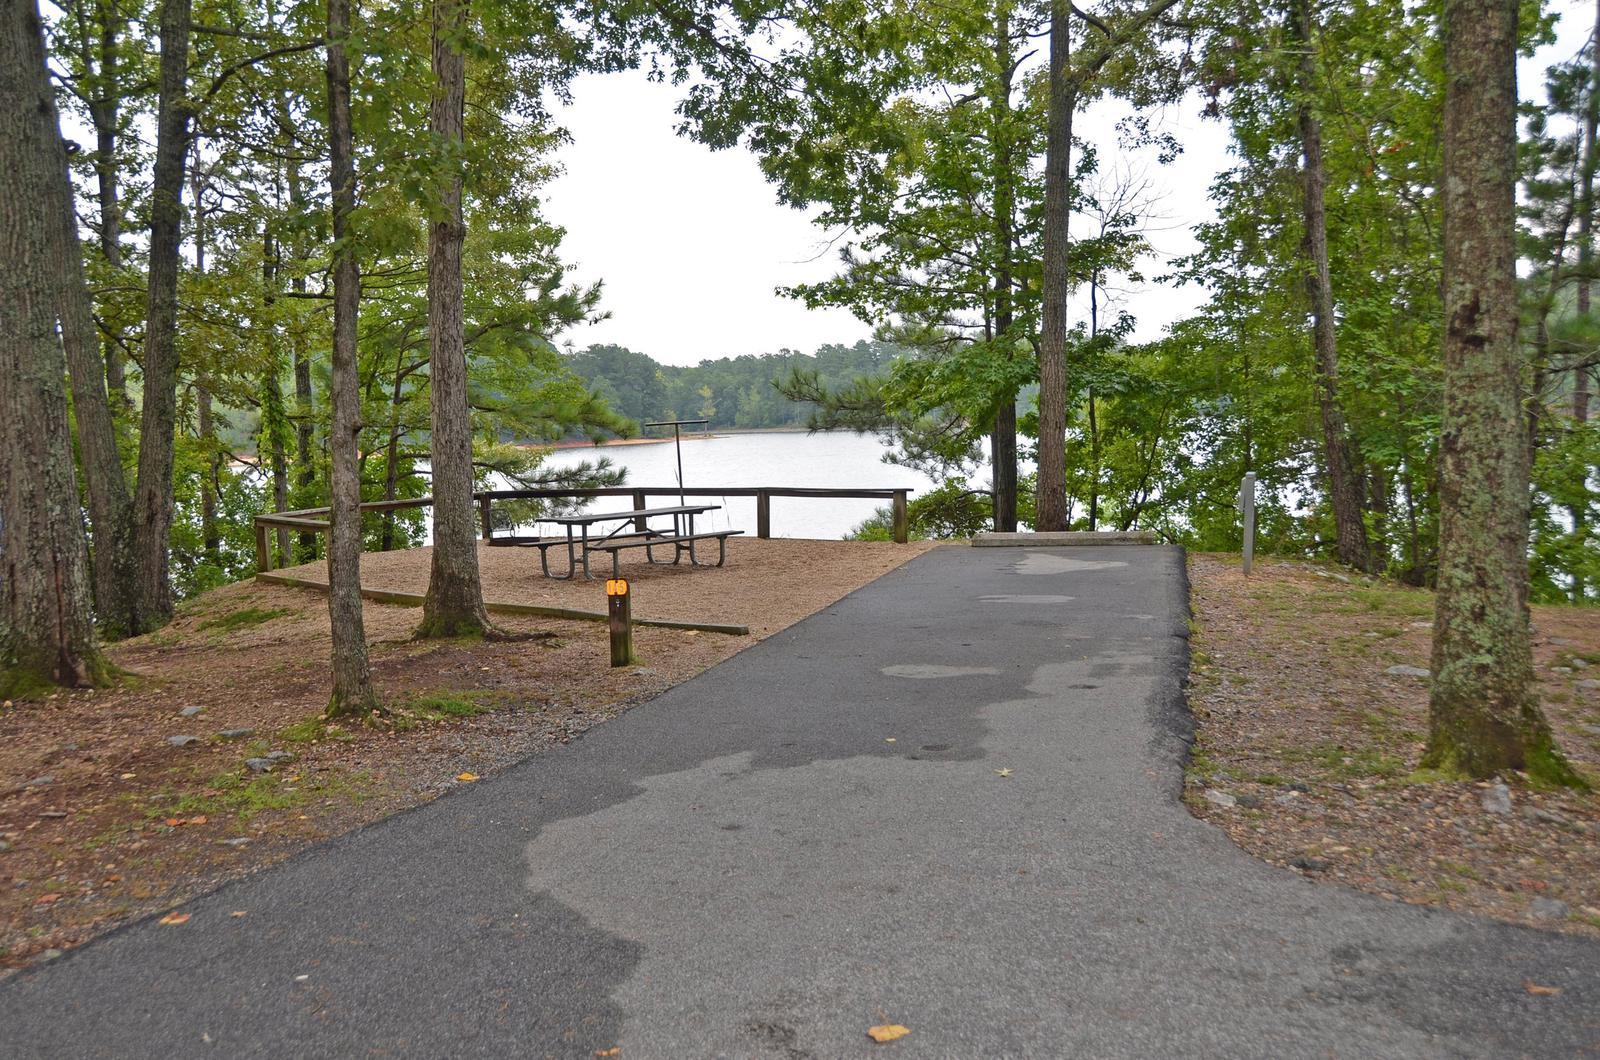 McKinney Campground Site 145